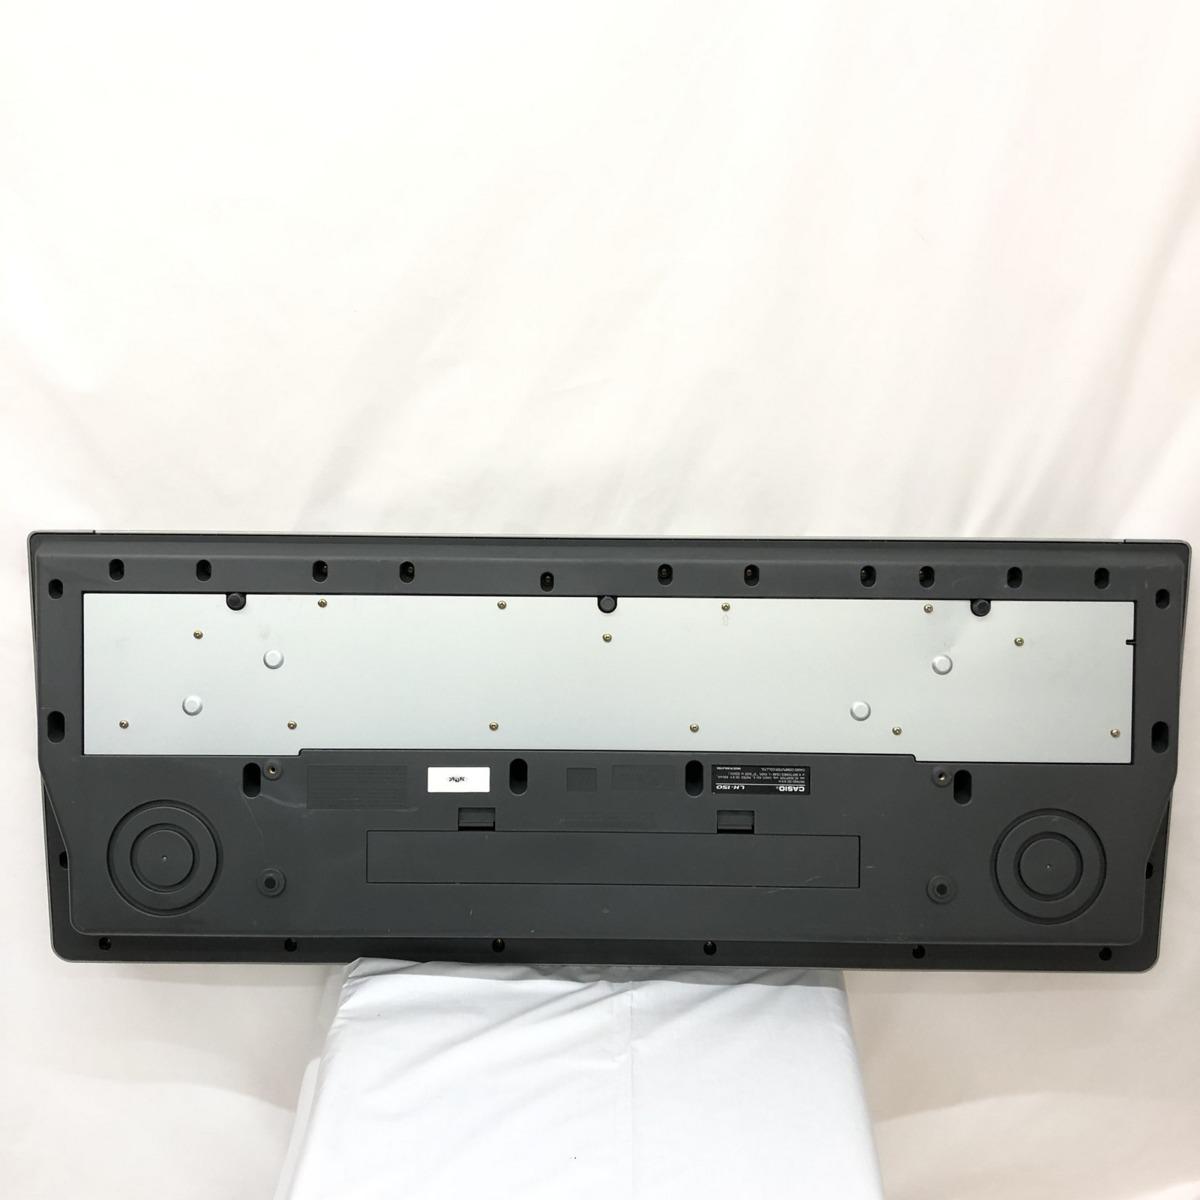 CASIO カシオ 電子キーボード LK-150 光ナビゲーション 61鍵盤 シルバー ブルー 電子ピアノ 鍵盤楽器 アダプター付き H15211_画像8